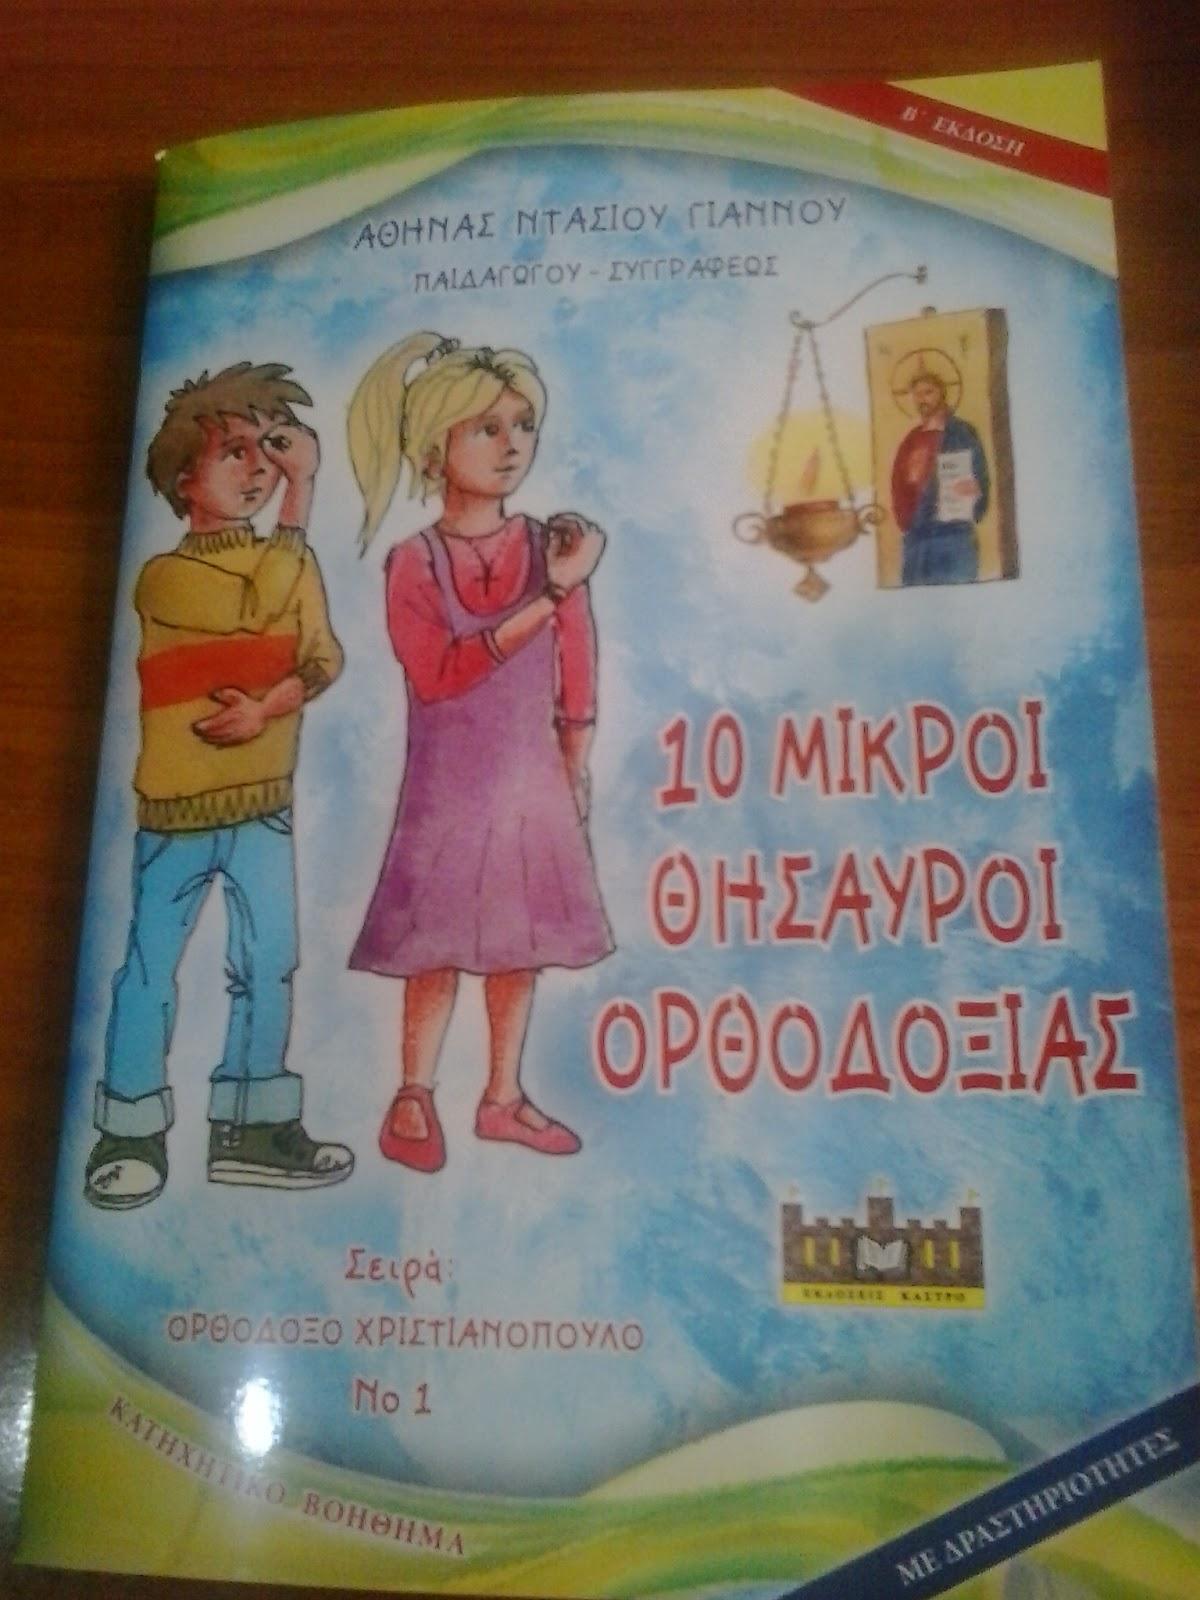 Επανακυκλοφόρησε το βιβλίο μας σε Β΄Έκδοση! e8831fcb72a